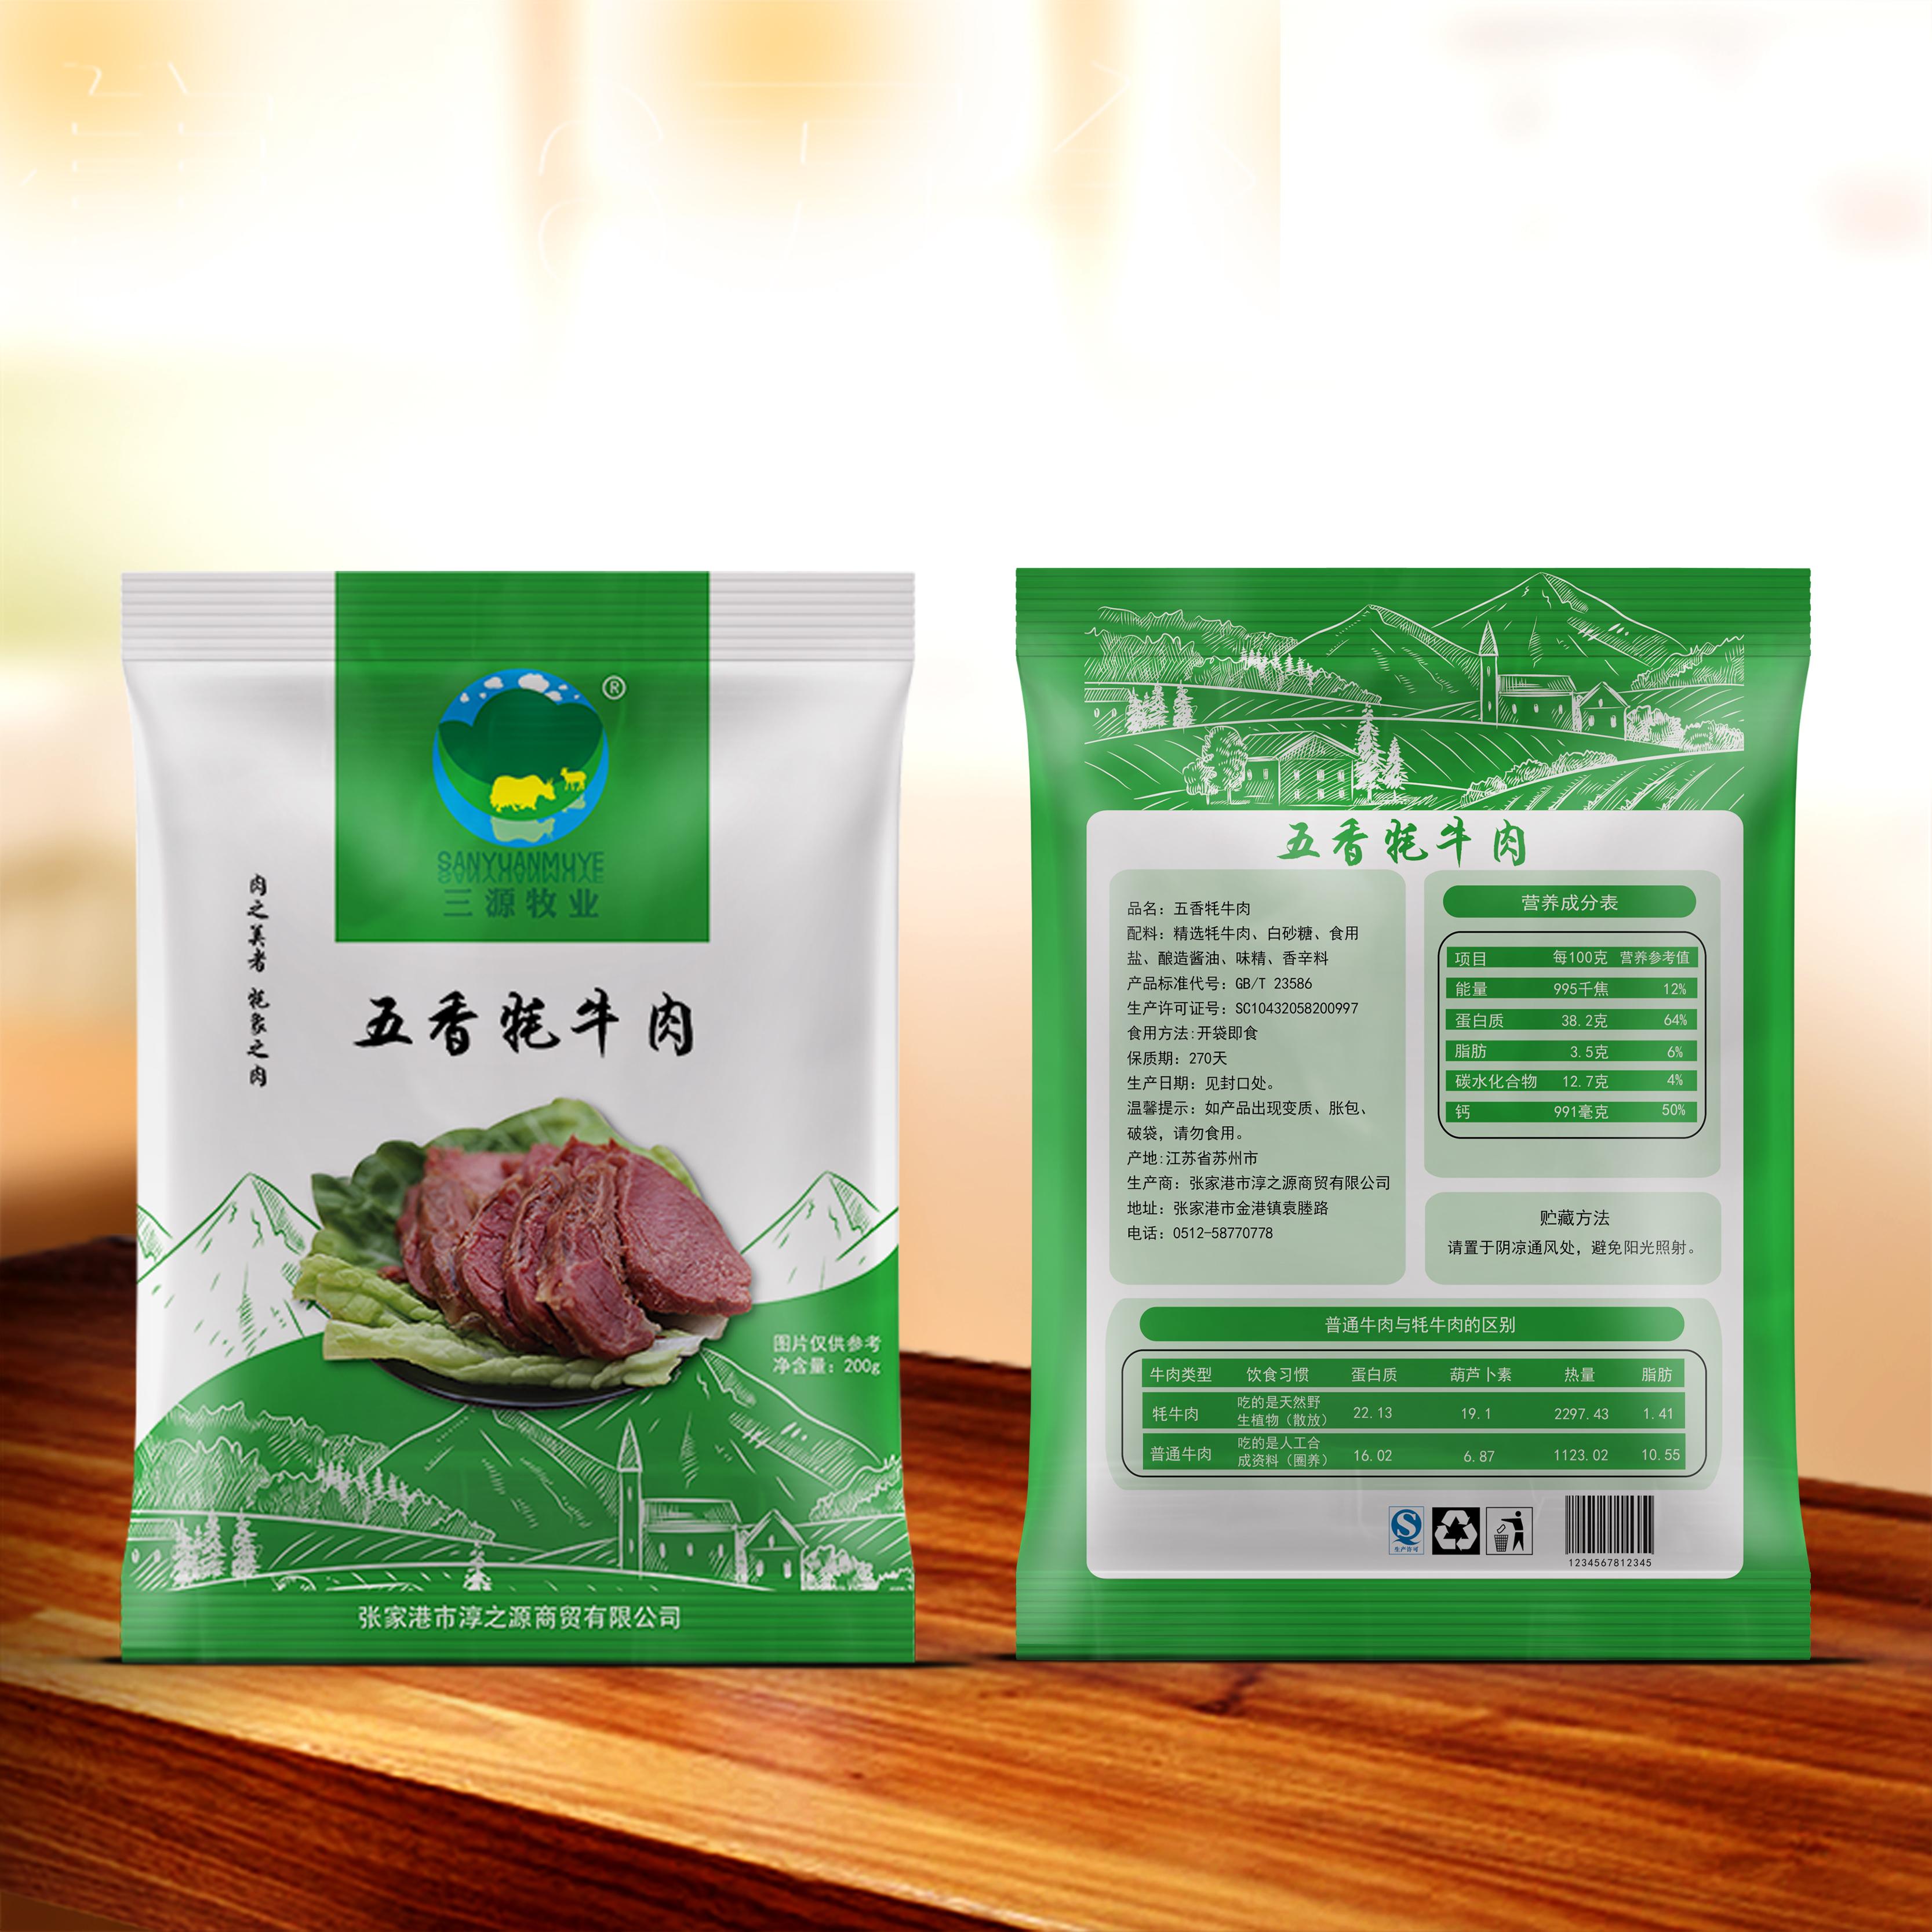 食品饮料包装设计包装盒包装袋设计手提袋礼盒包装设计瓶贴标签